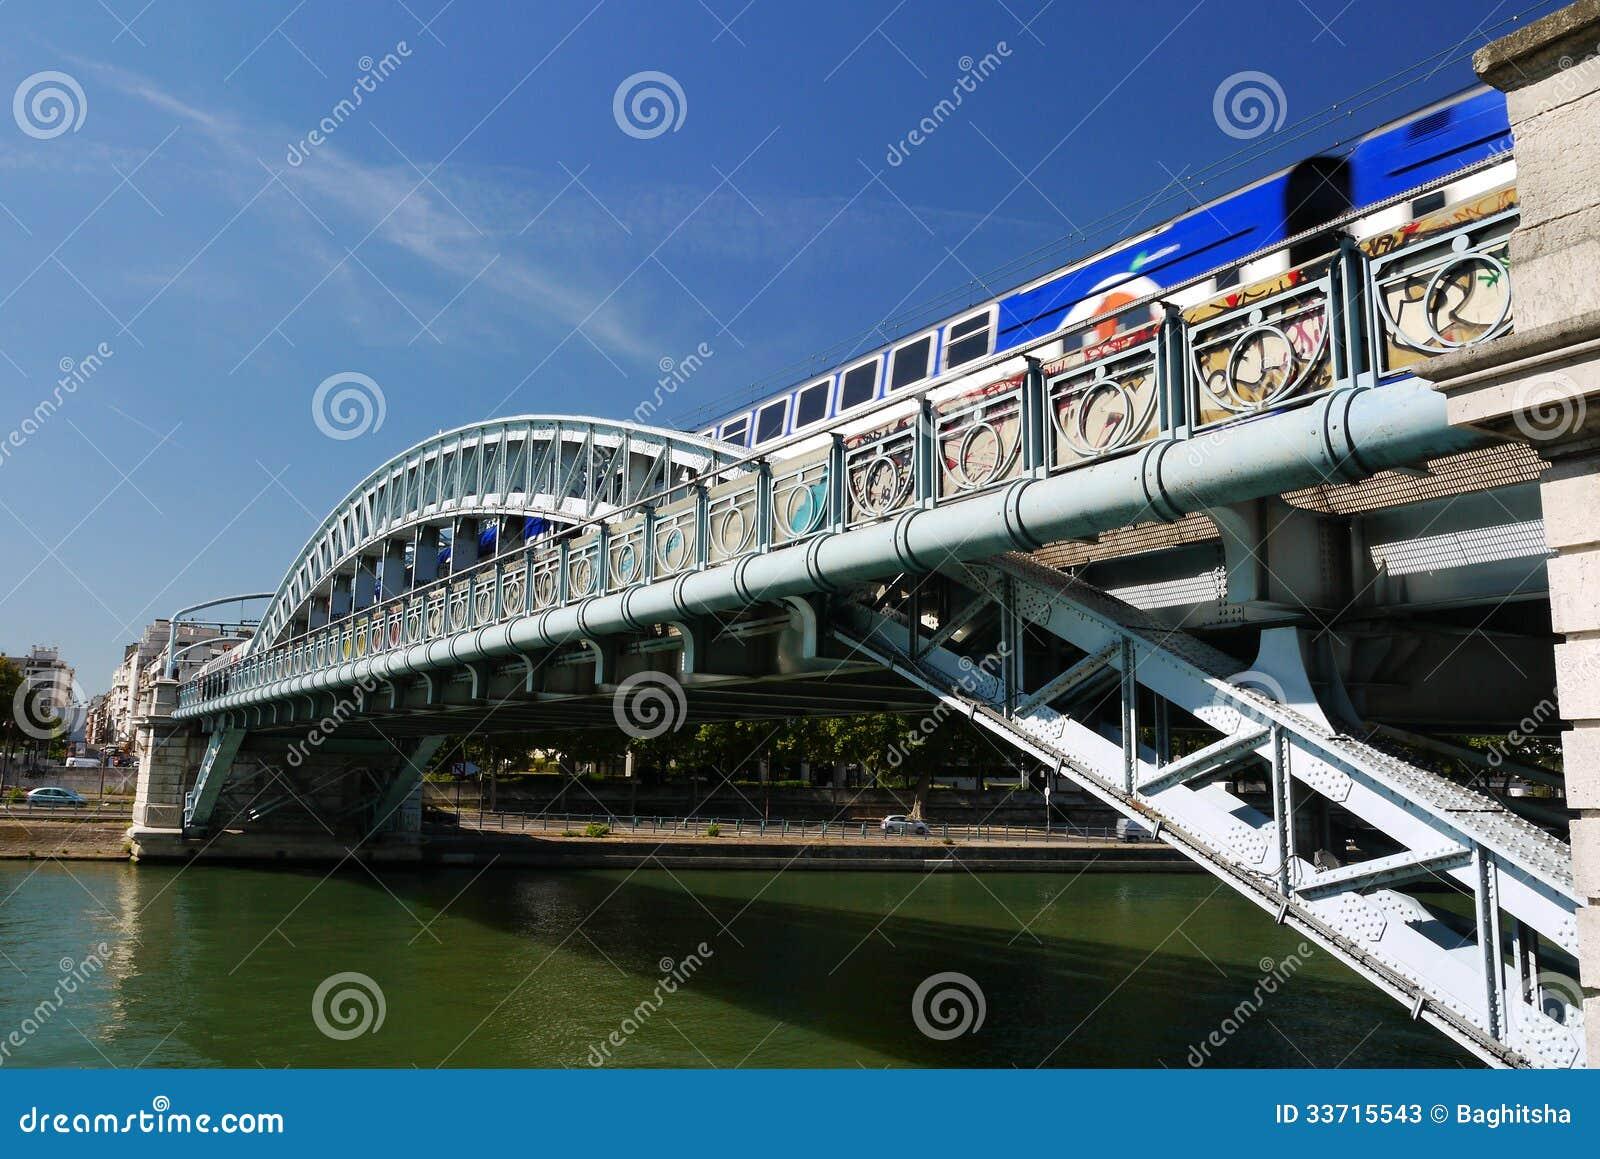 De brug van Pontrouelle, Parijs, Frankrijk.